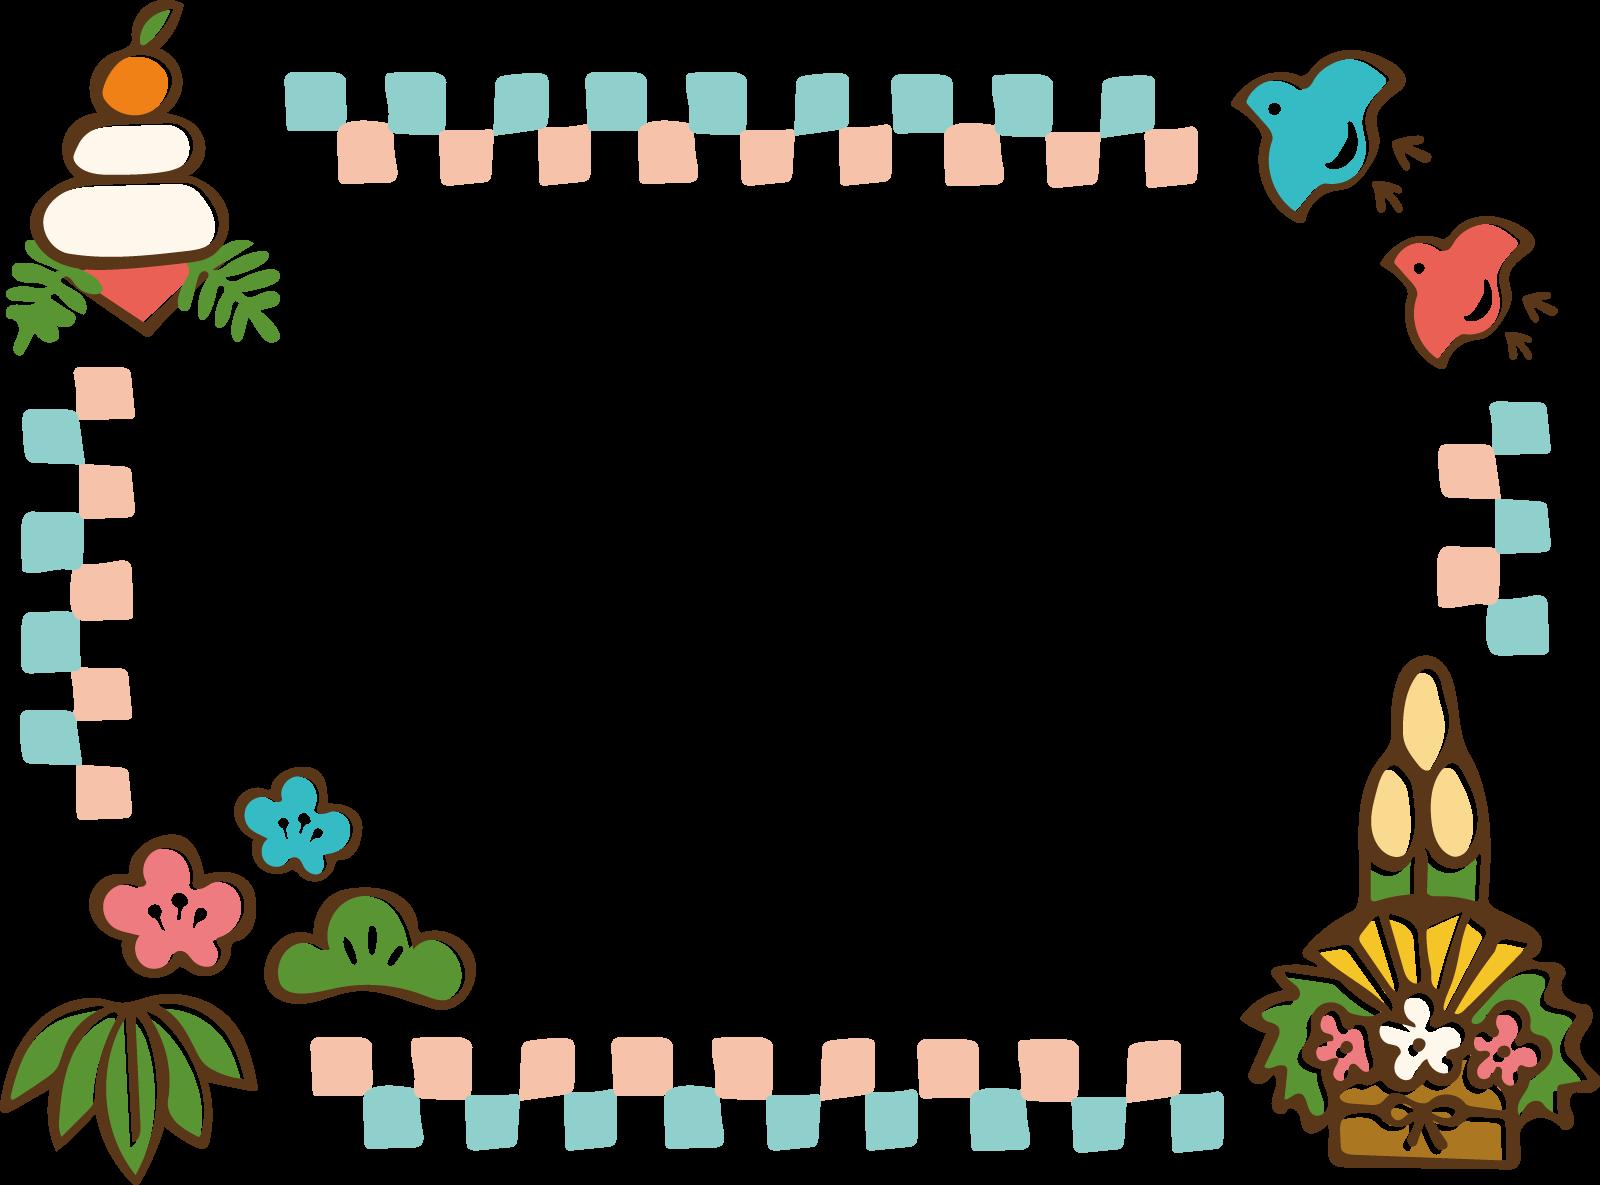 門松や鏡餅のフレーム枠背景イラスト画像素材(無料、フリー)